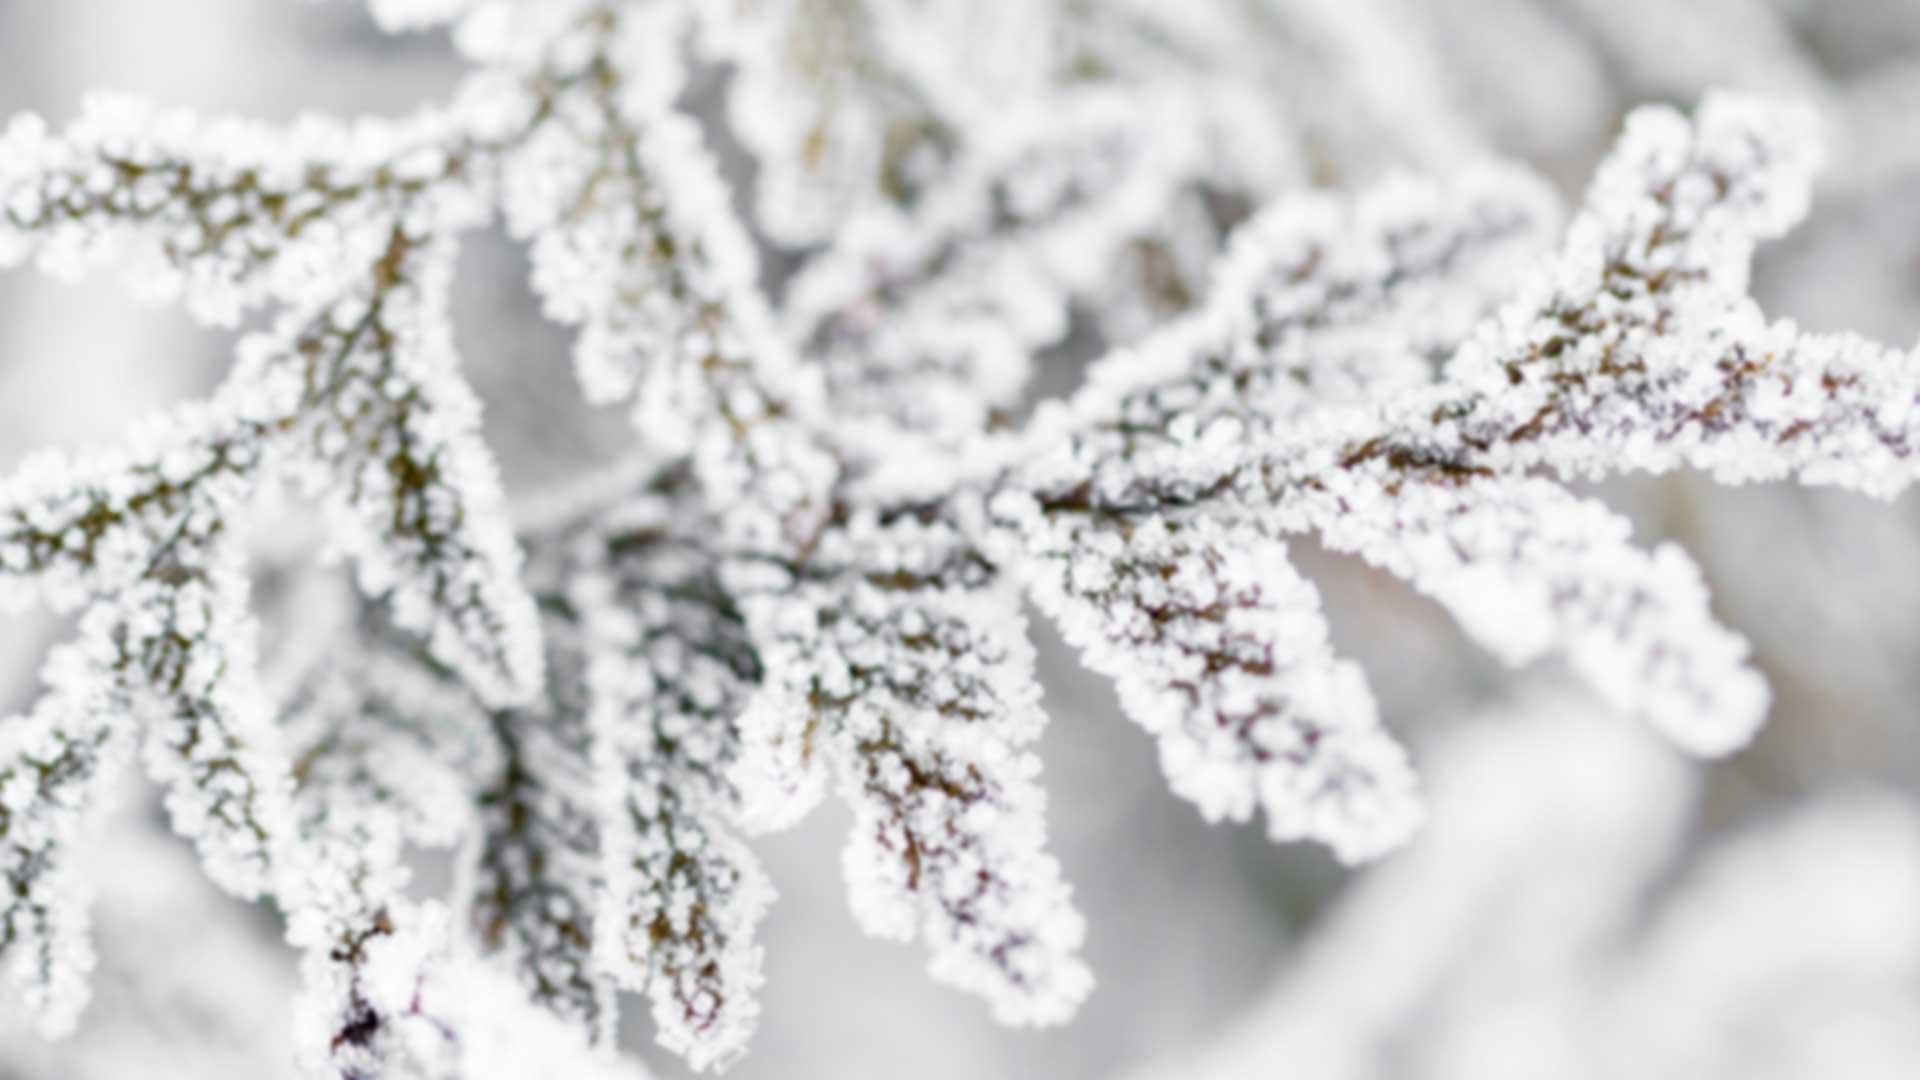 Frosty Ferns 1